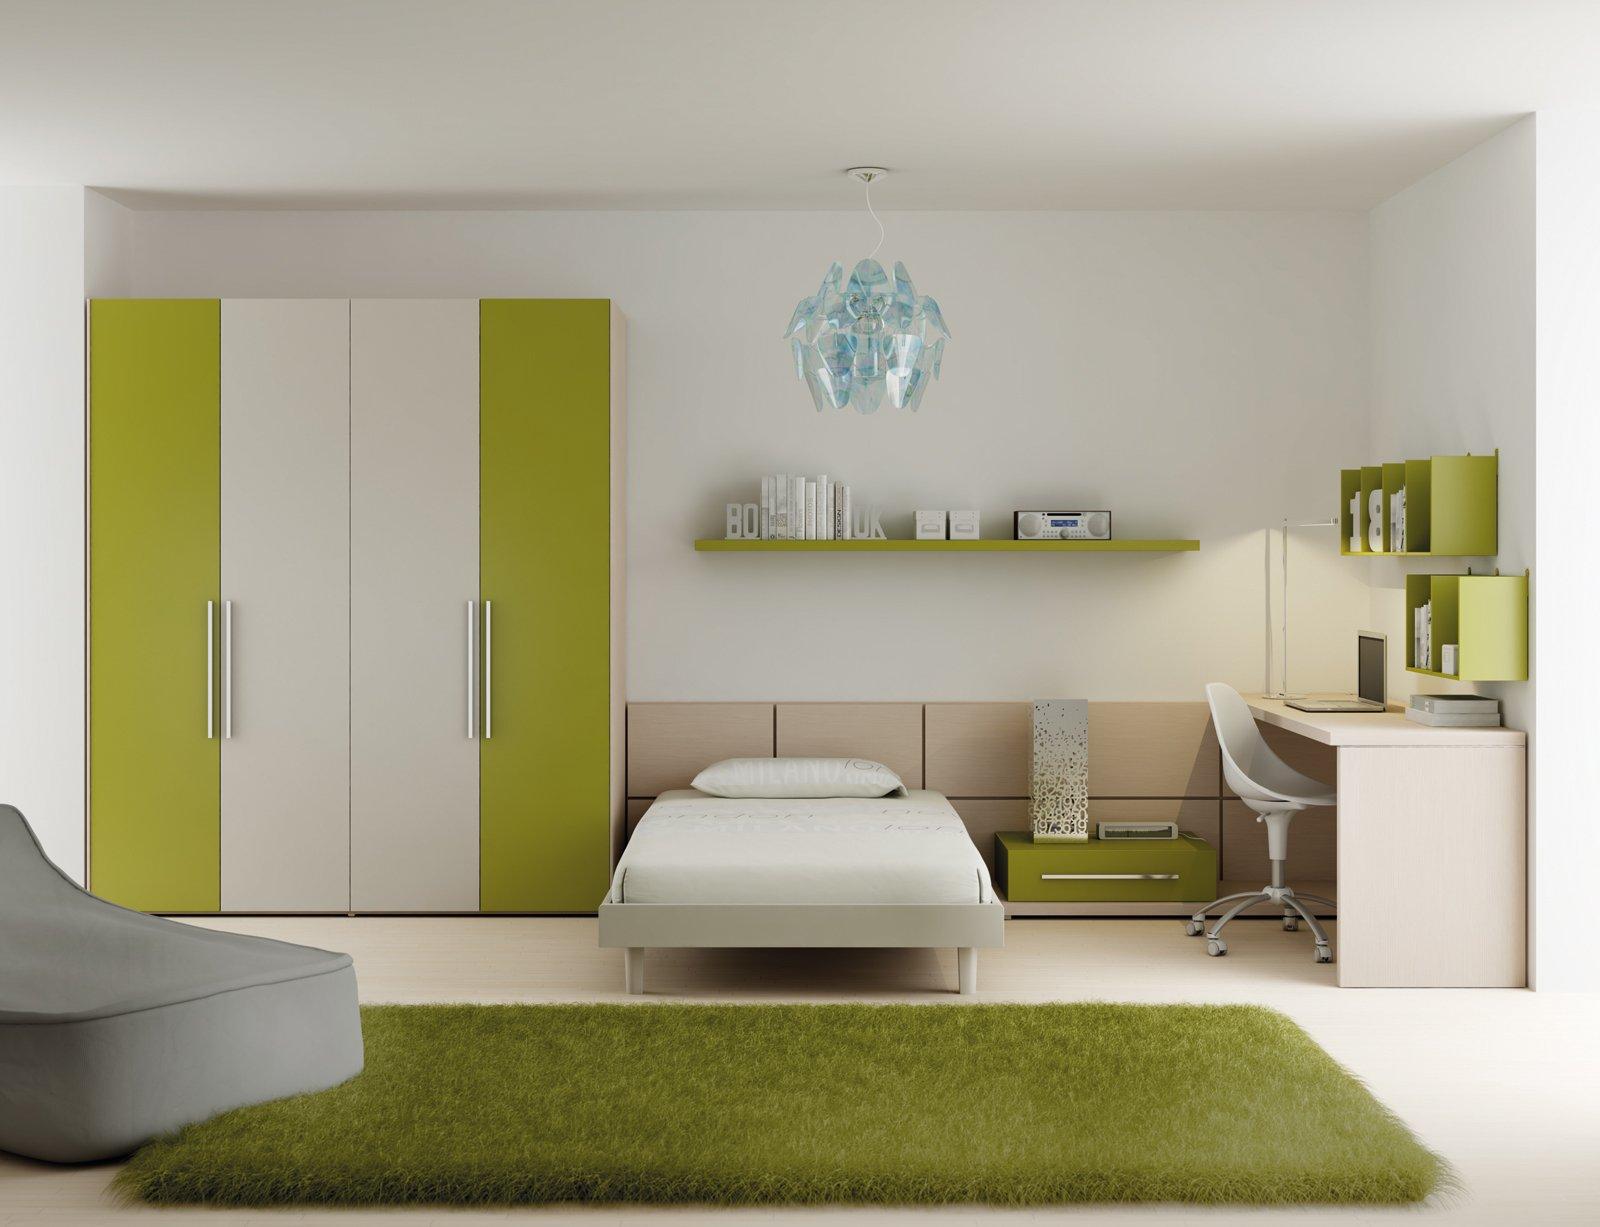 Idee per dipingere la camera da letto - Camere moretti compact ...